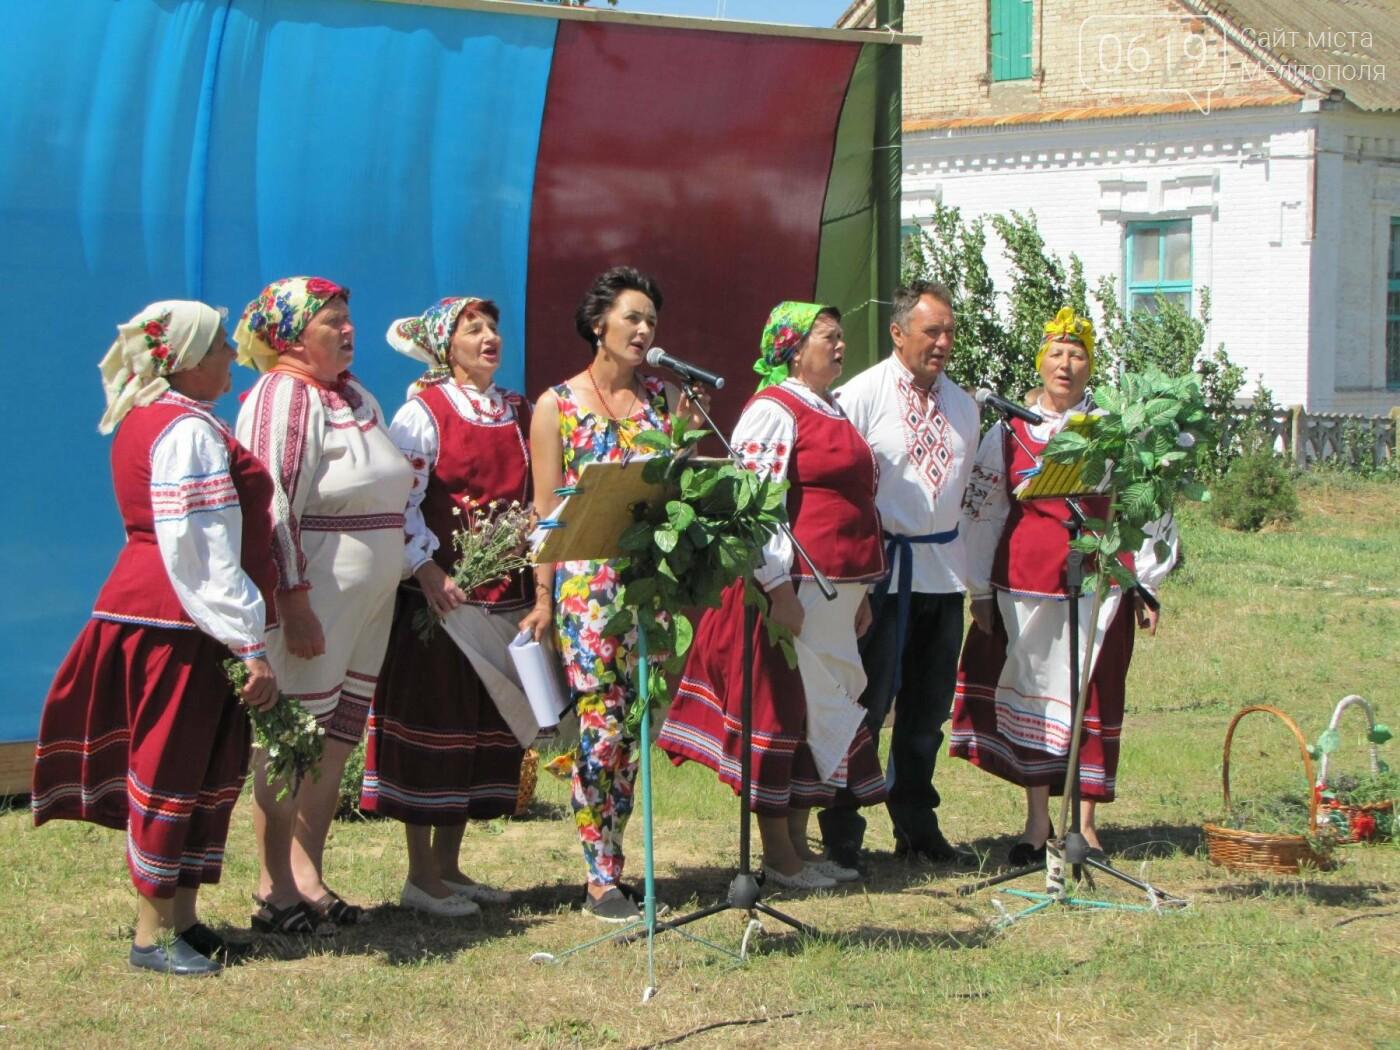 Жители Мелитопольщины отпраздновали Троицу, фото-25